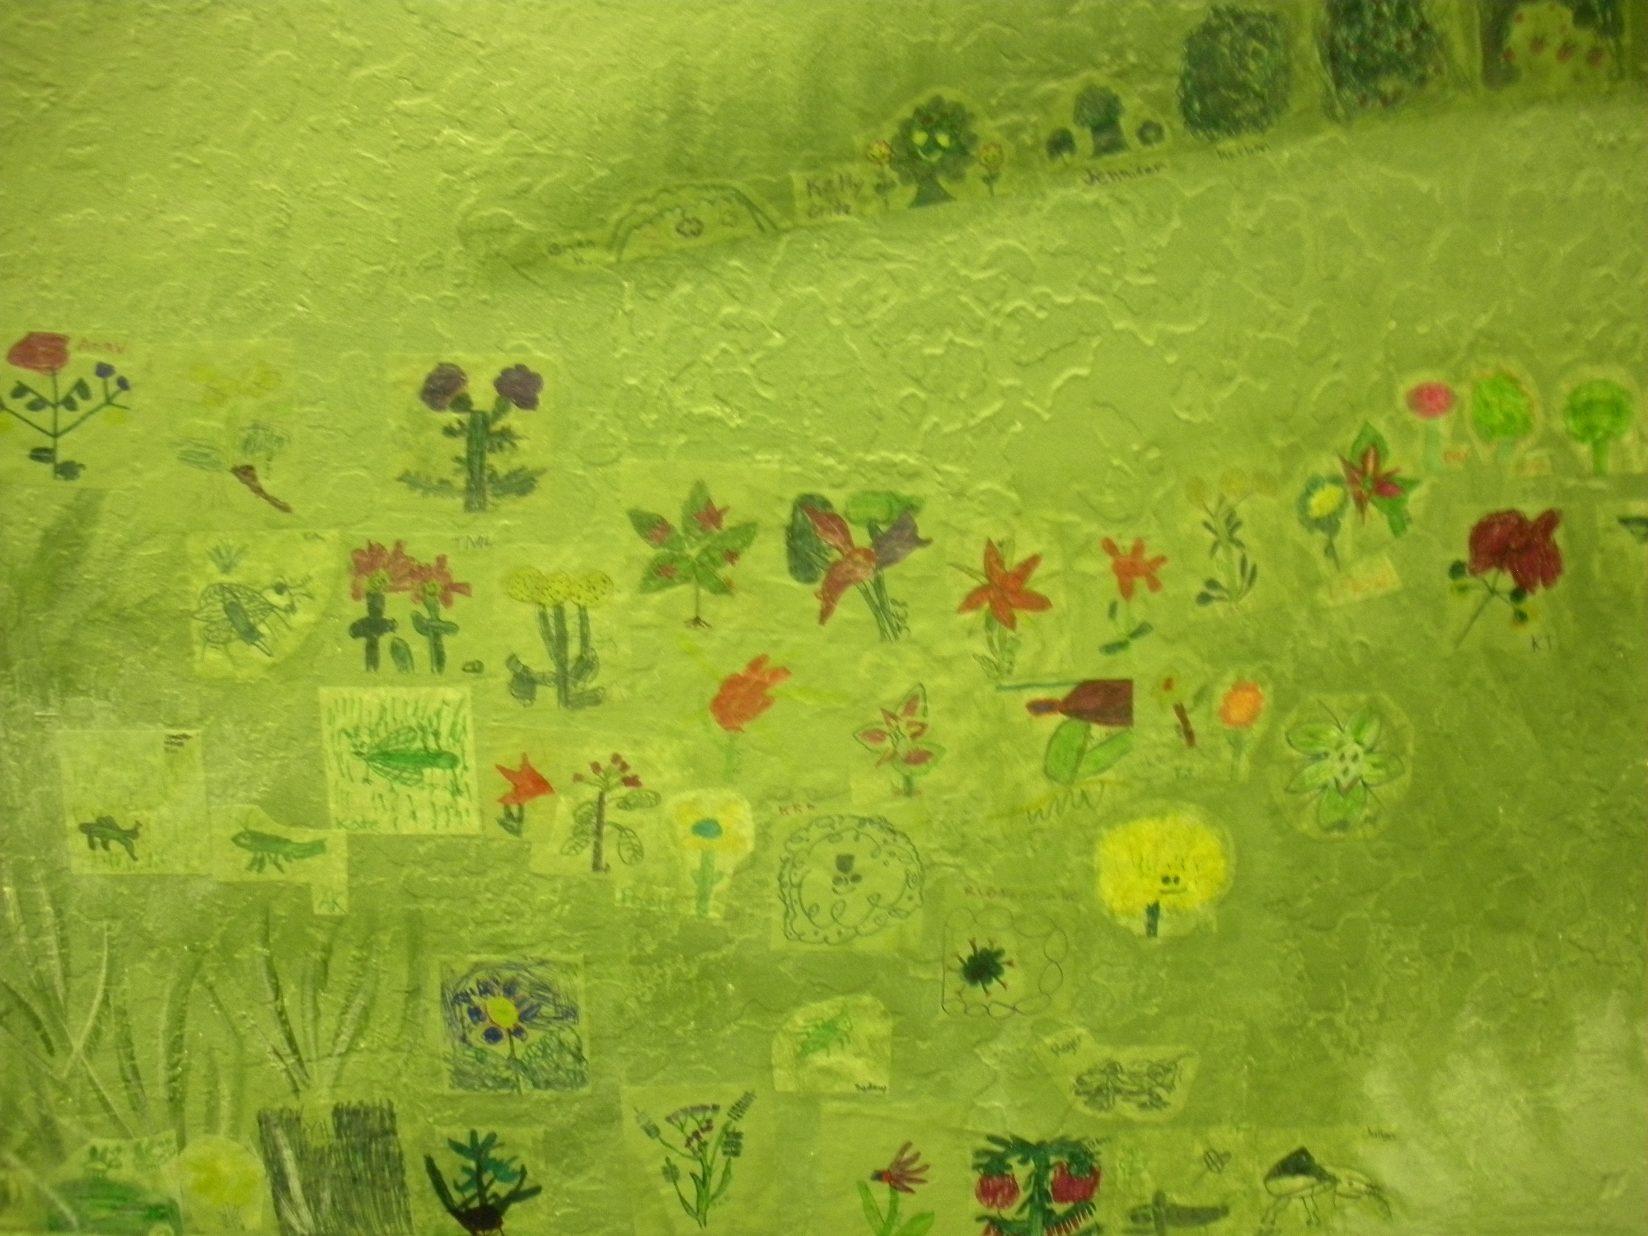 Truckee Elementary School Mural - Truckee and Lake Tahoe fine art nature painter mentorship custom mural meadow